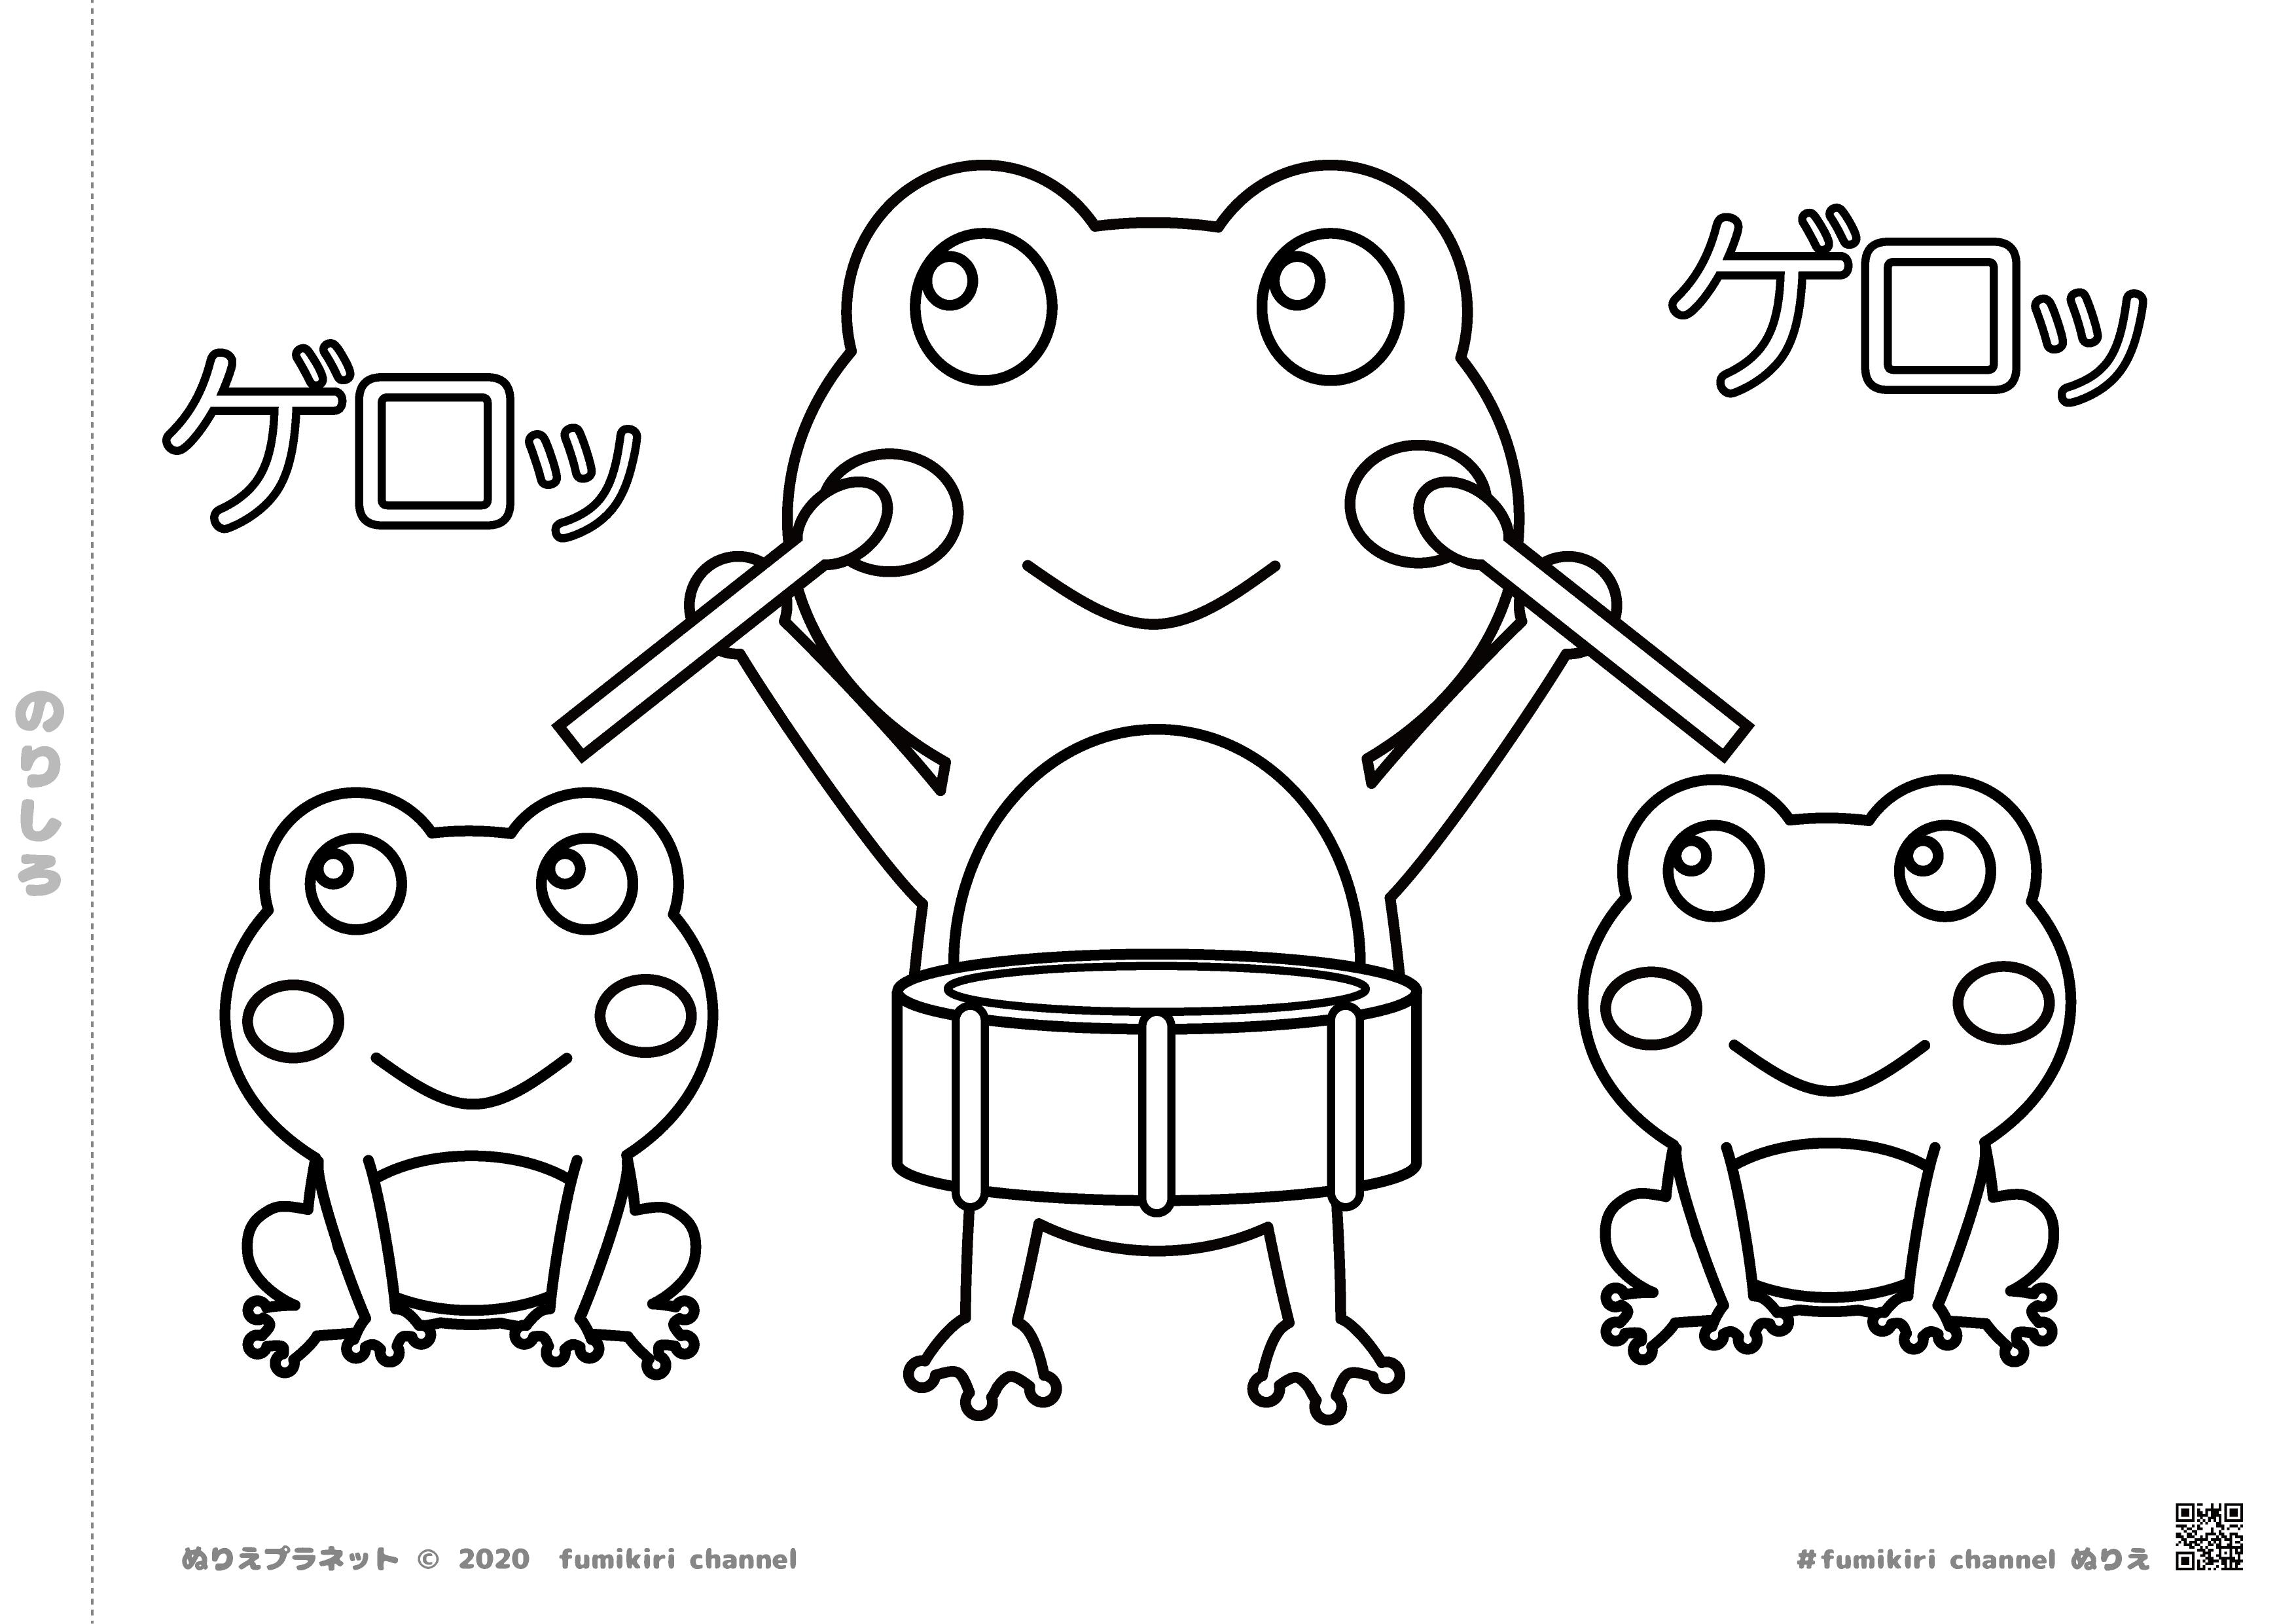 カエルが3匹ゲロッゲロッと大合唱のぬりえです。